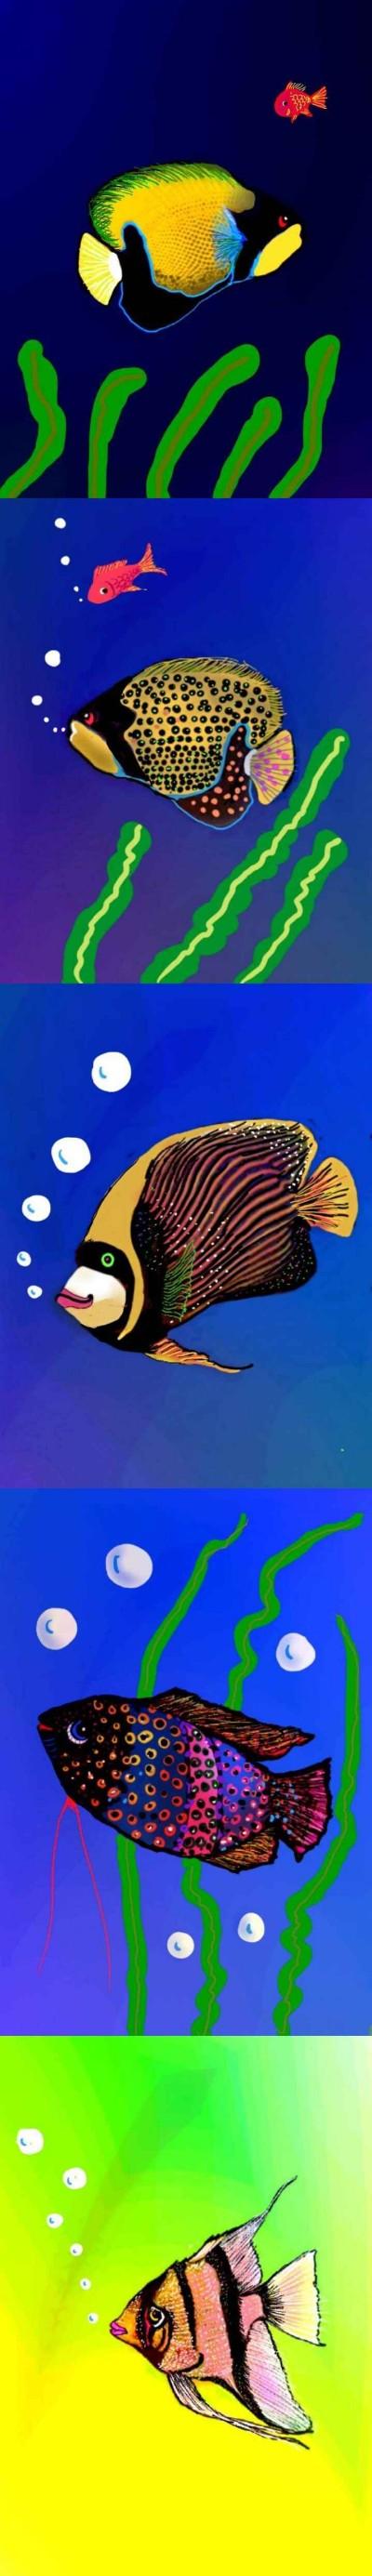 물고기   qweensara   Digital Drawing   PENUP